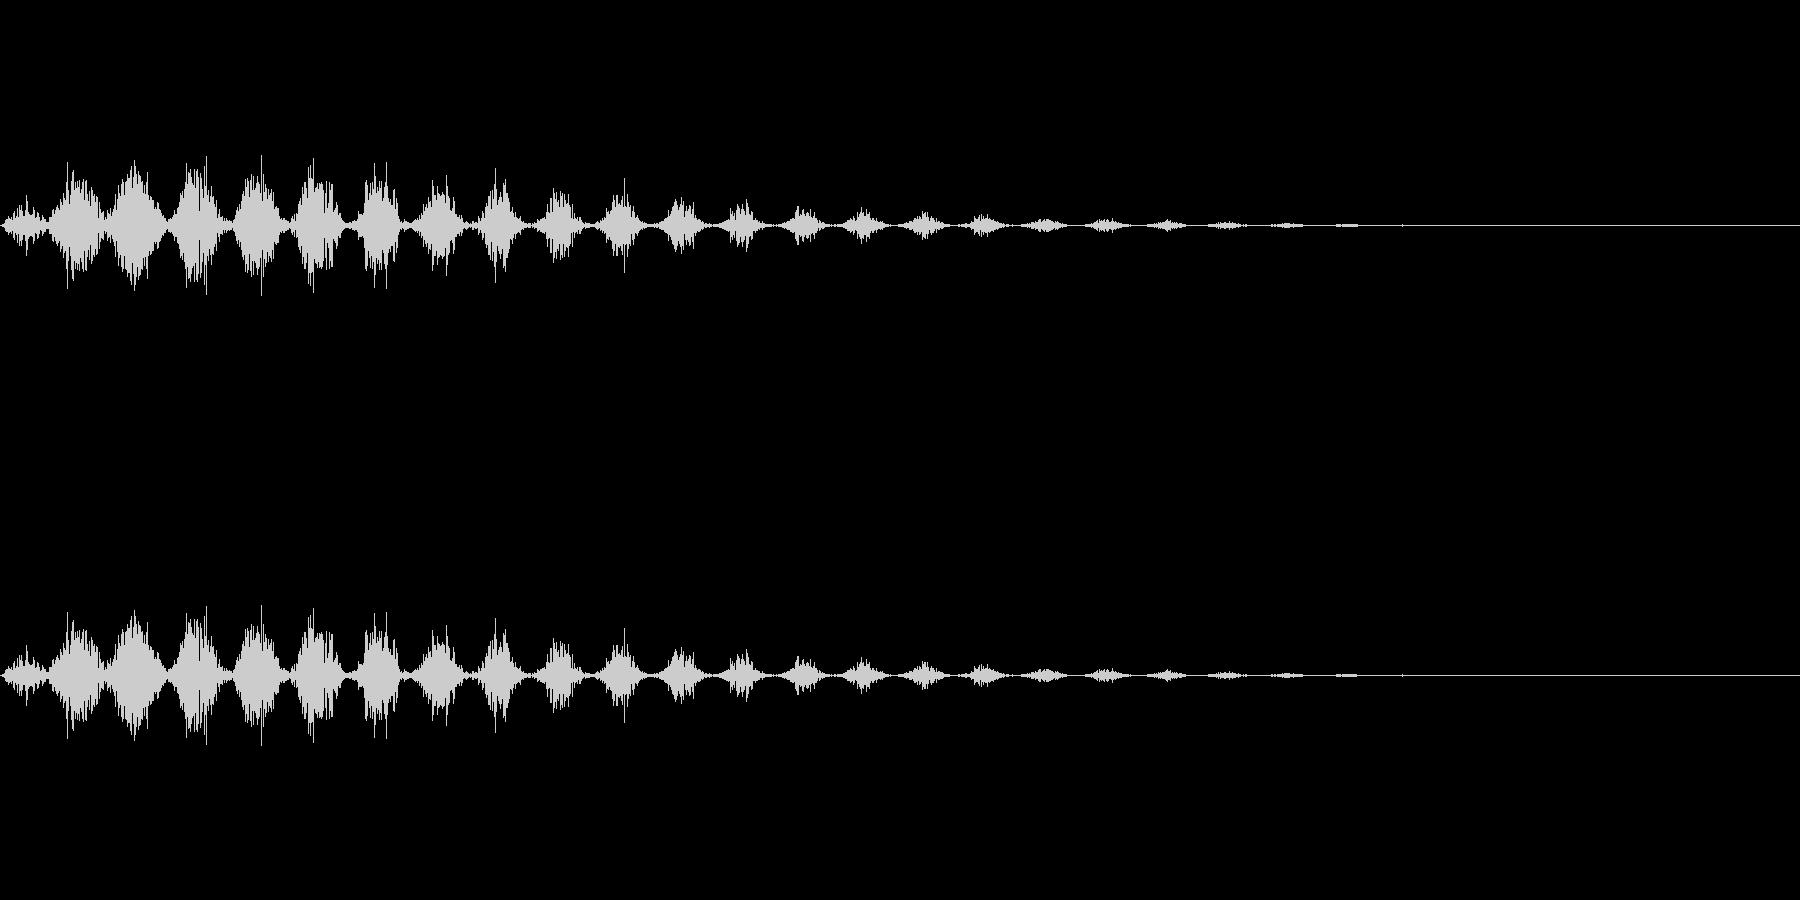 逃走/ダッシュ/風/場面転換/コミカルの未再生の波形